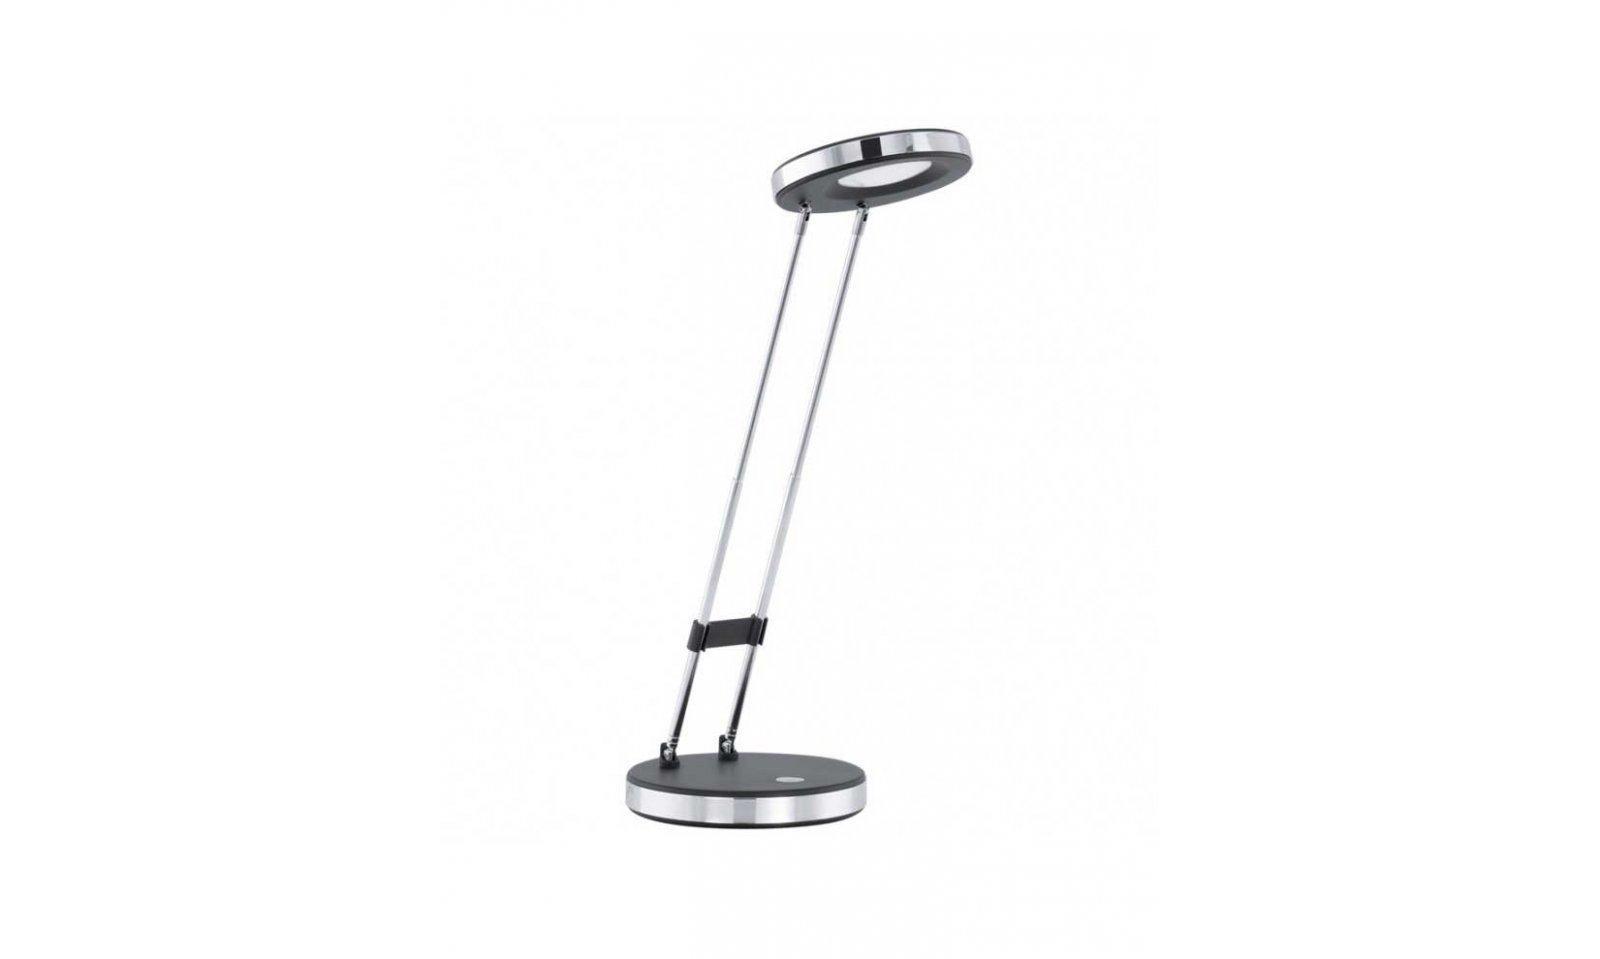 Eglo gexo led lampada da tavolo in acciaio e policarbonato for Lampada da tavolo a led